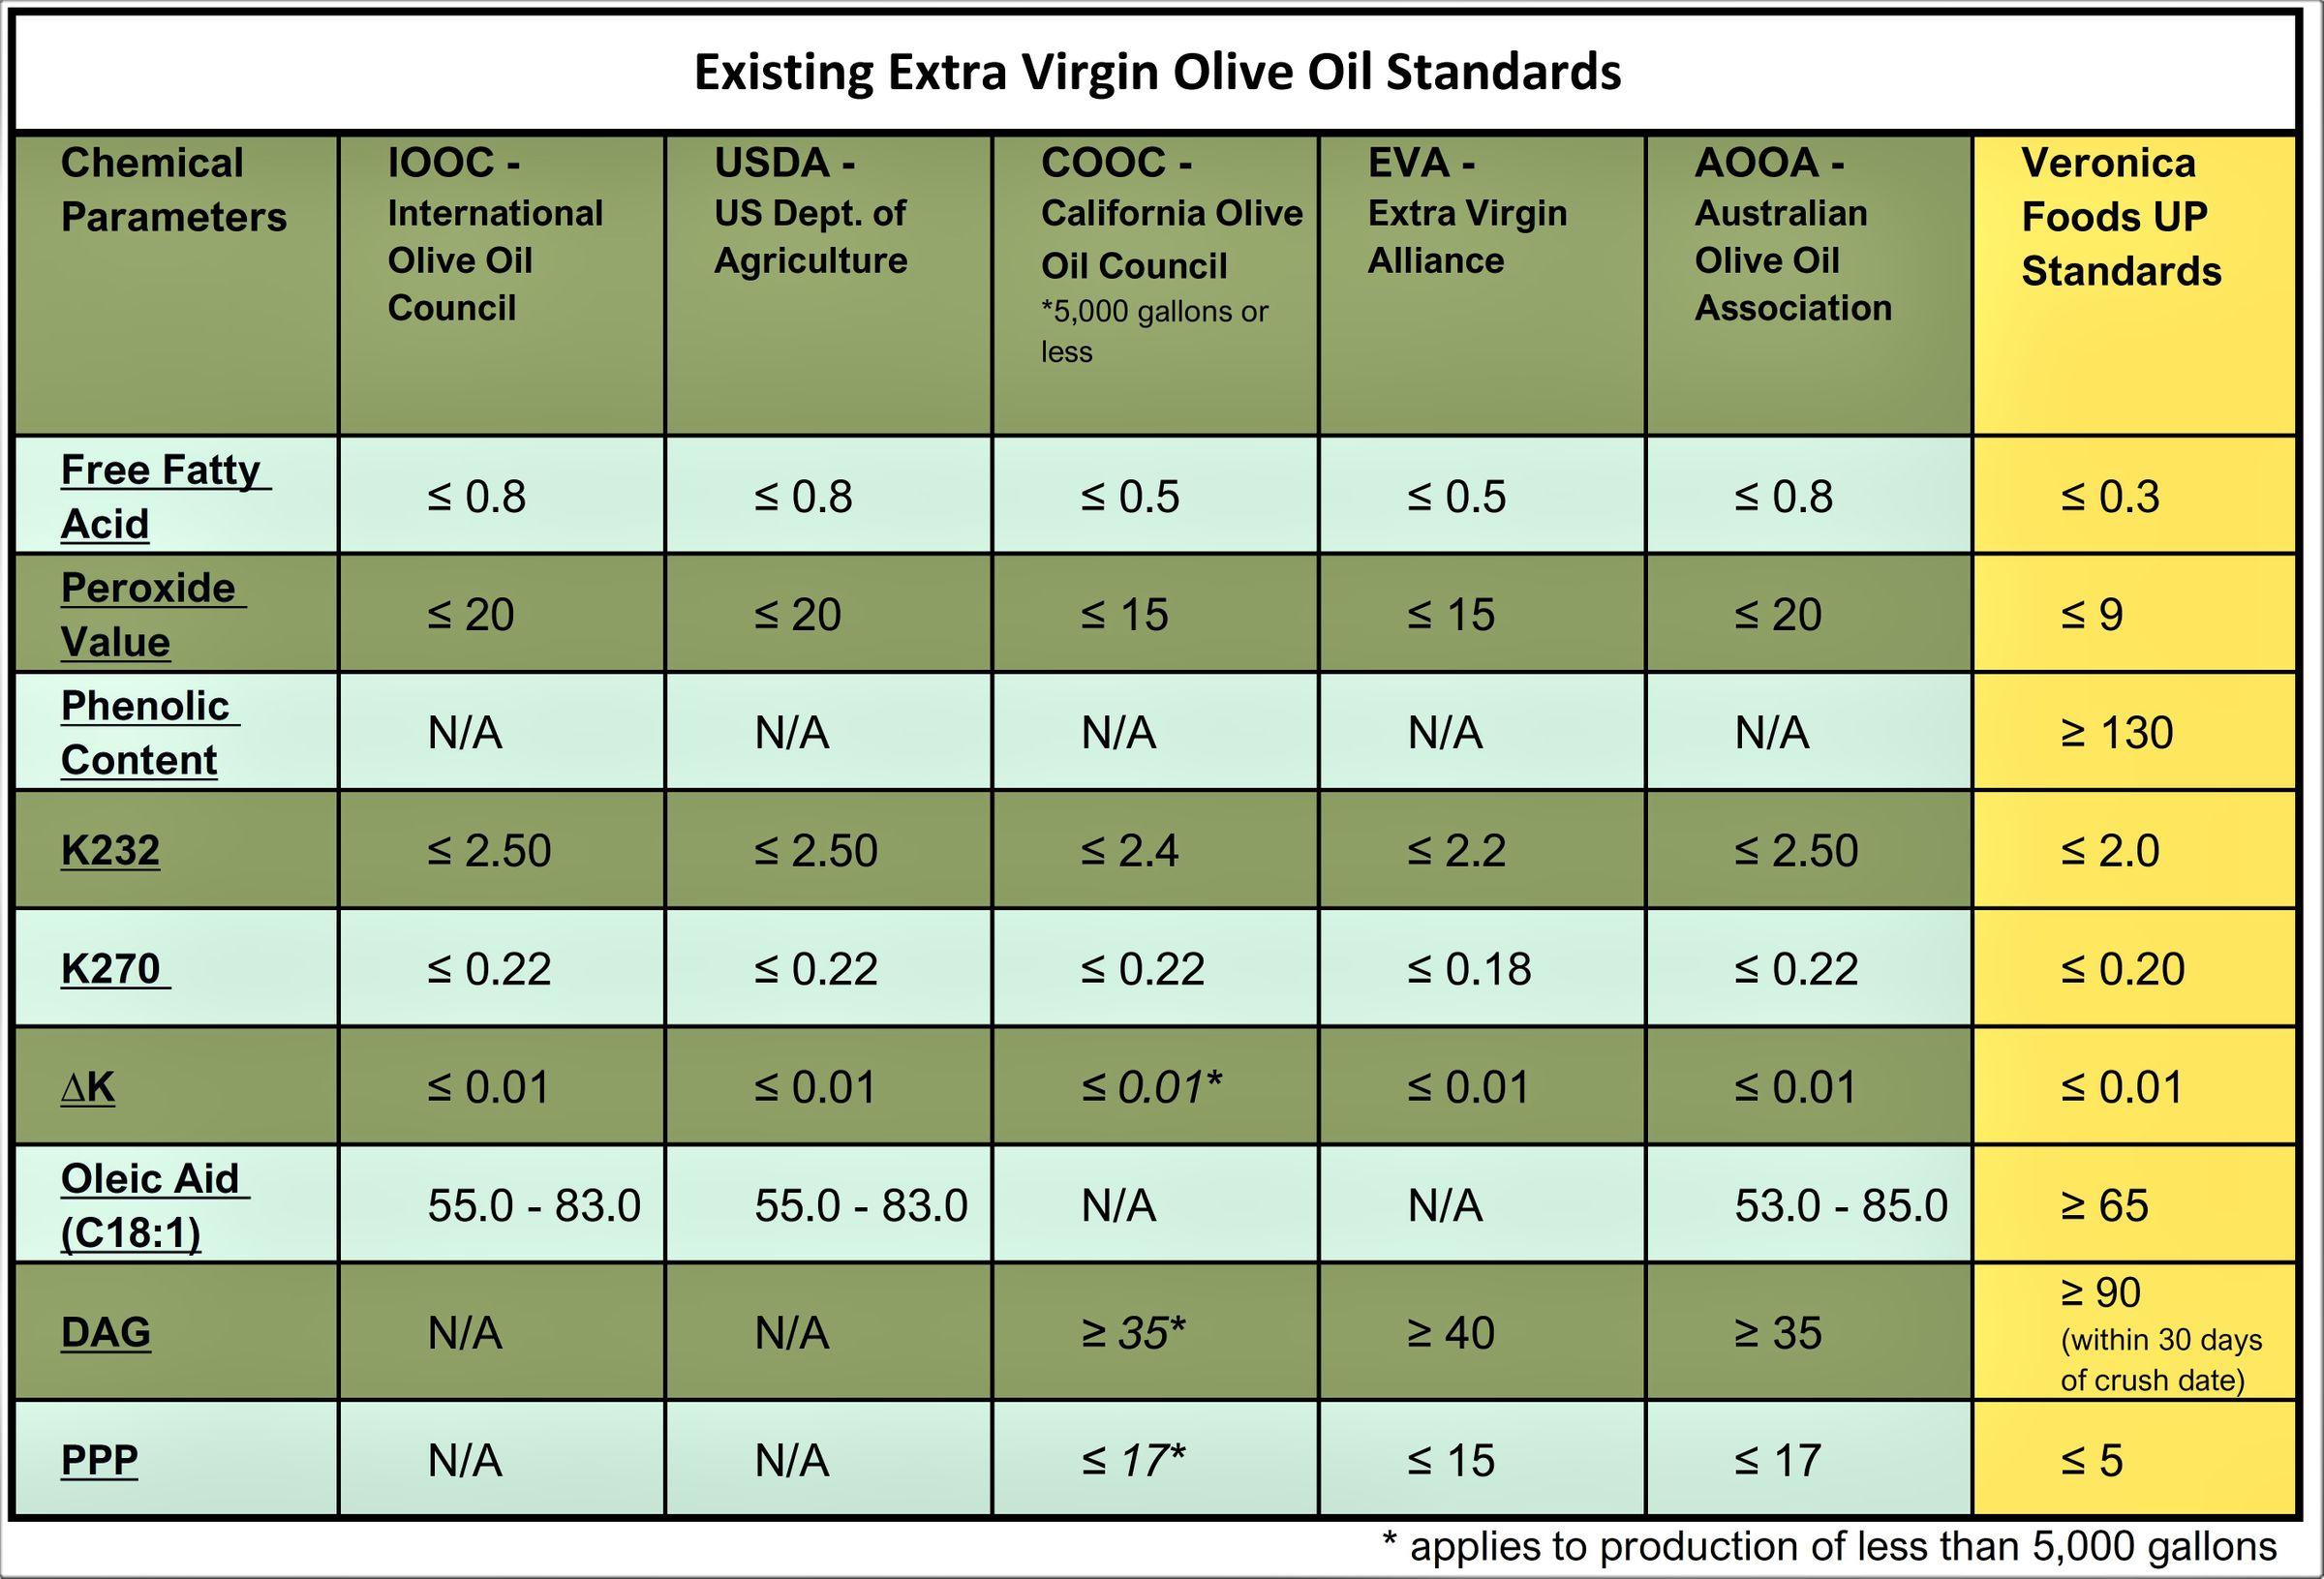 existing-standards-olive-oil.jpg